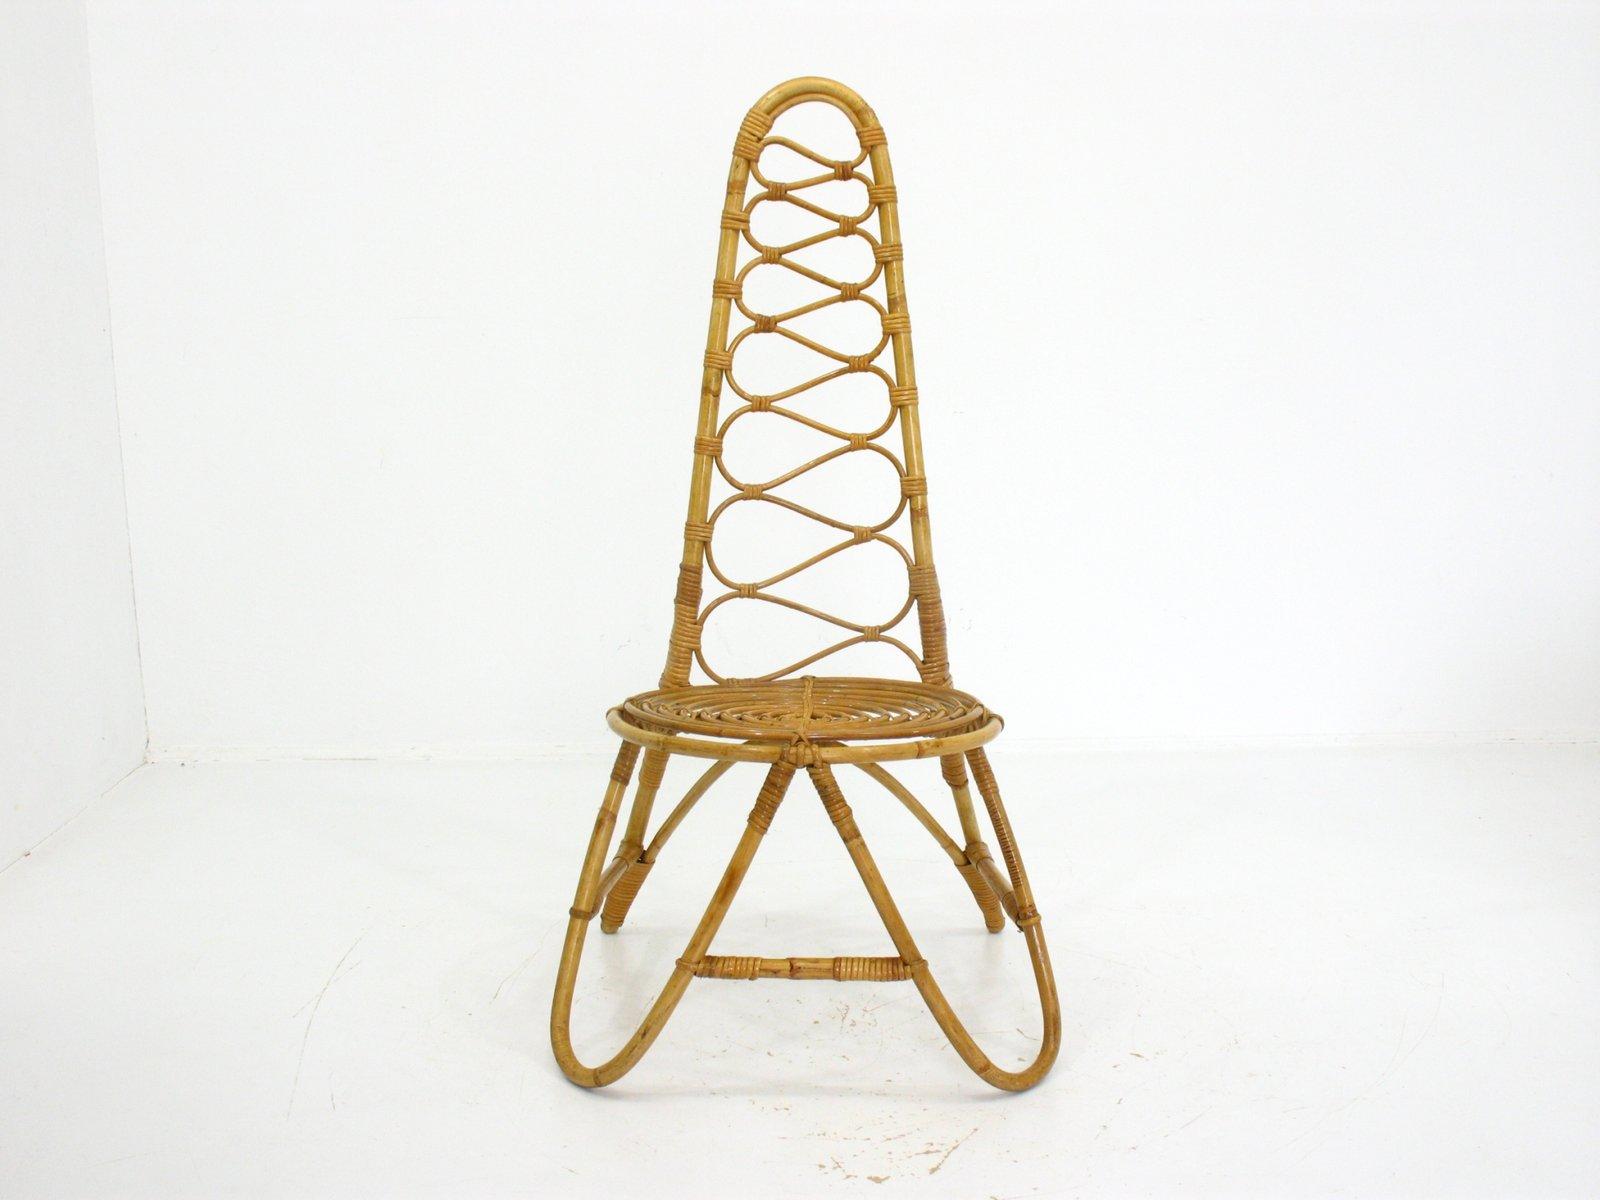 Sedia in bamb anni 39 70 in vendita su pamono for Sedia design anni 70